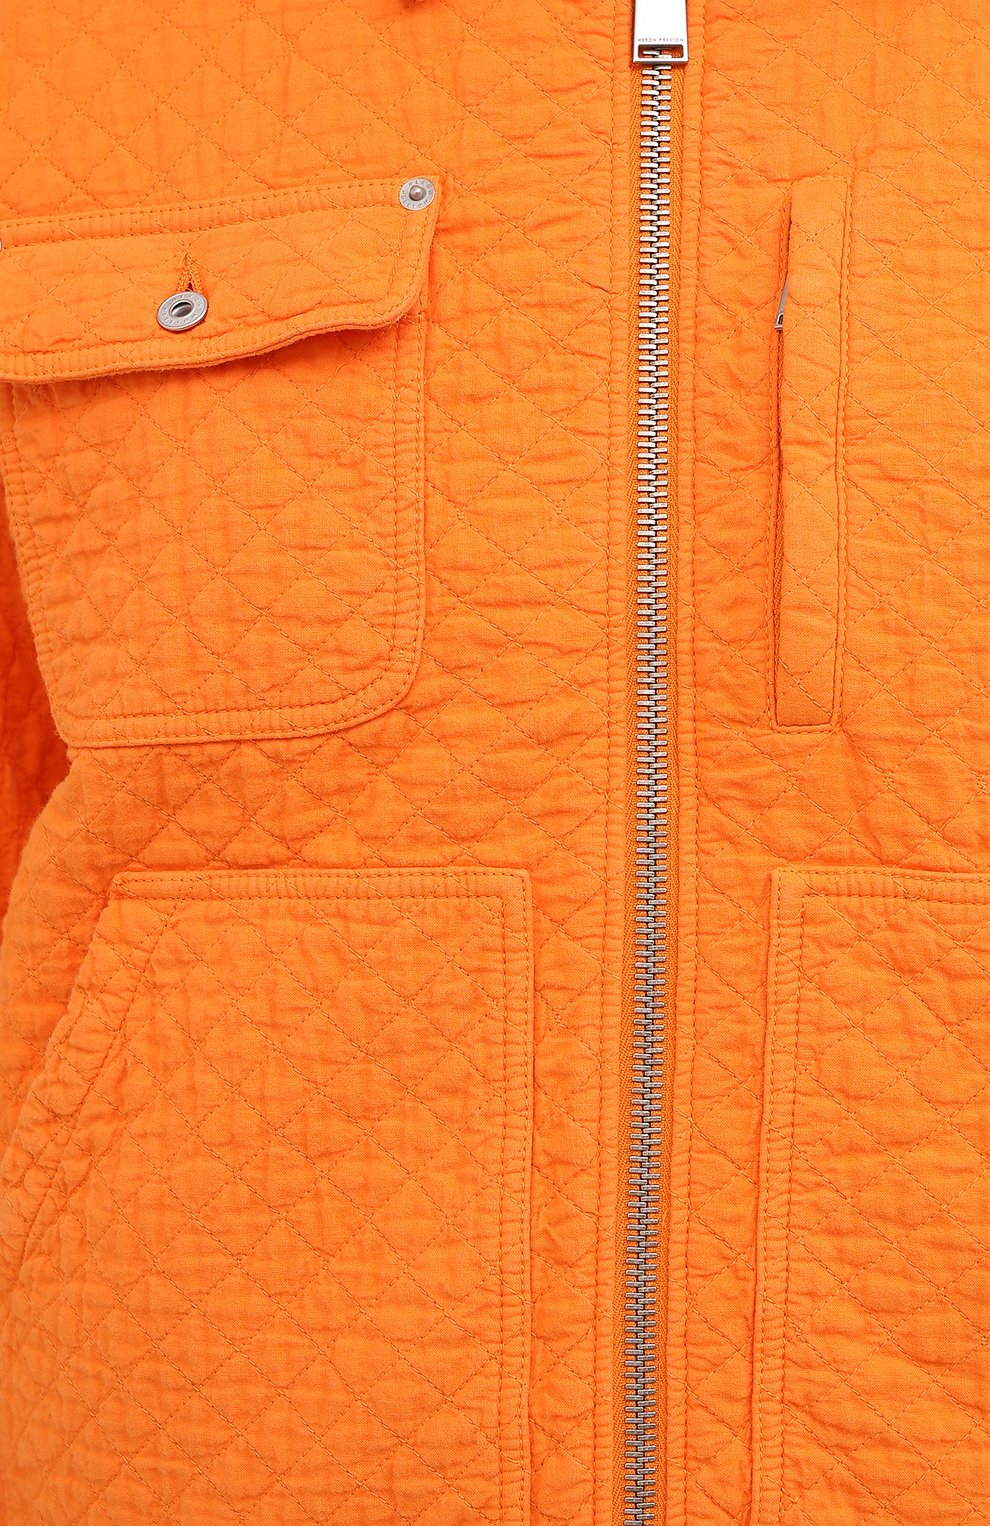 Мужская хлопковая куртка HERON PRESTON оранжевого цвета, арт. HMEA052F20FAB0012200 | Фото 6 (Кросс-КТ: Куртка, Ветровка; Рукава: Длинные; Материал внешний: Хлопок; Мужское Кросс-КТ: Куртка-верхняя одежда, Верхняя одежда; Материал подклада: Синтетический материал; Длина (верхняя одежда): Короткие)